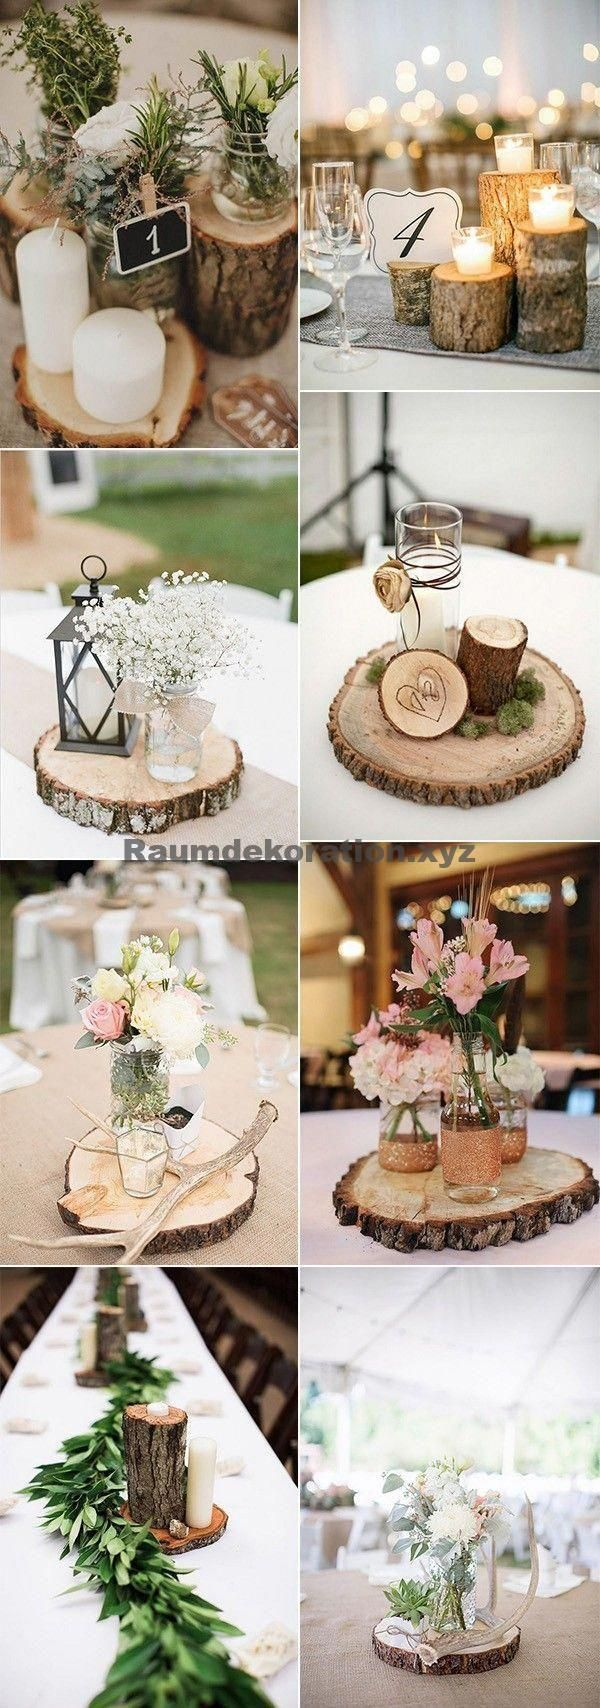 Decoraciones de mesa de boda Estas ideas rústicas de boda son realmente geniales …